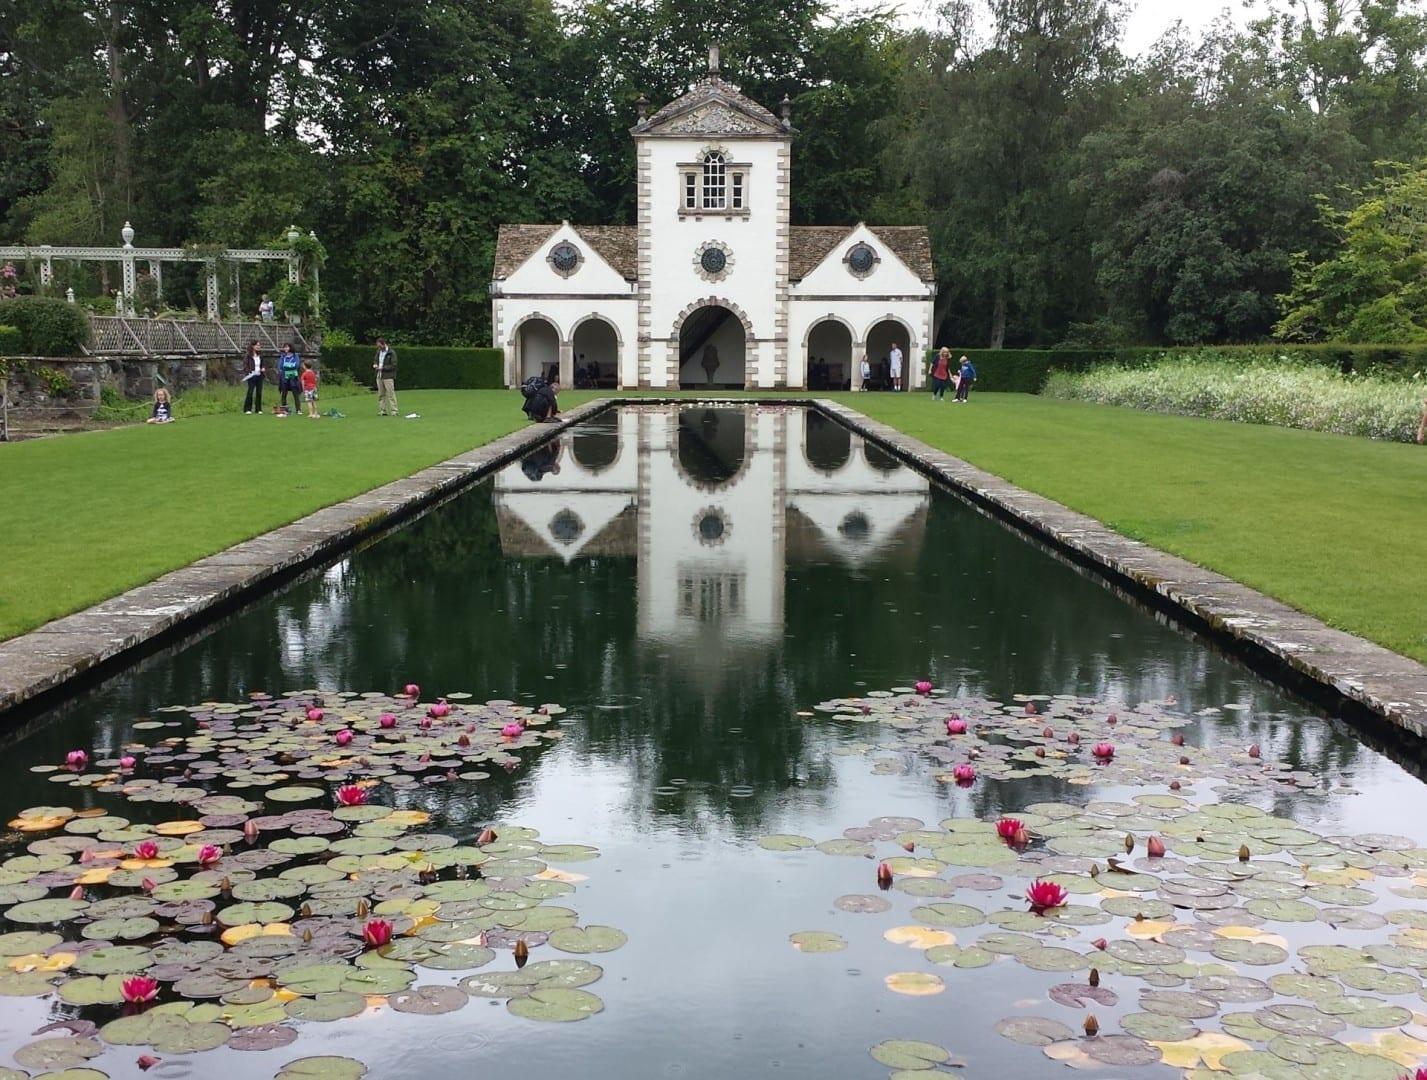 El molino de alfileres del jardín Bodnant (casa de verano) Conwy Reino Unido